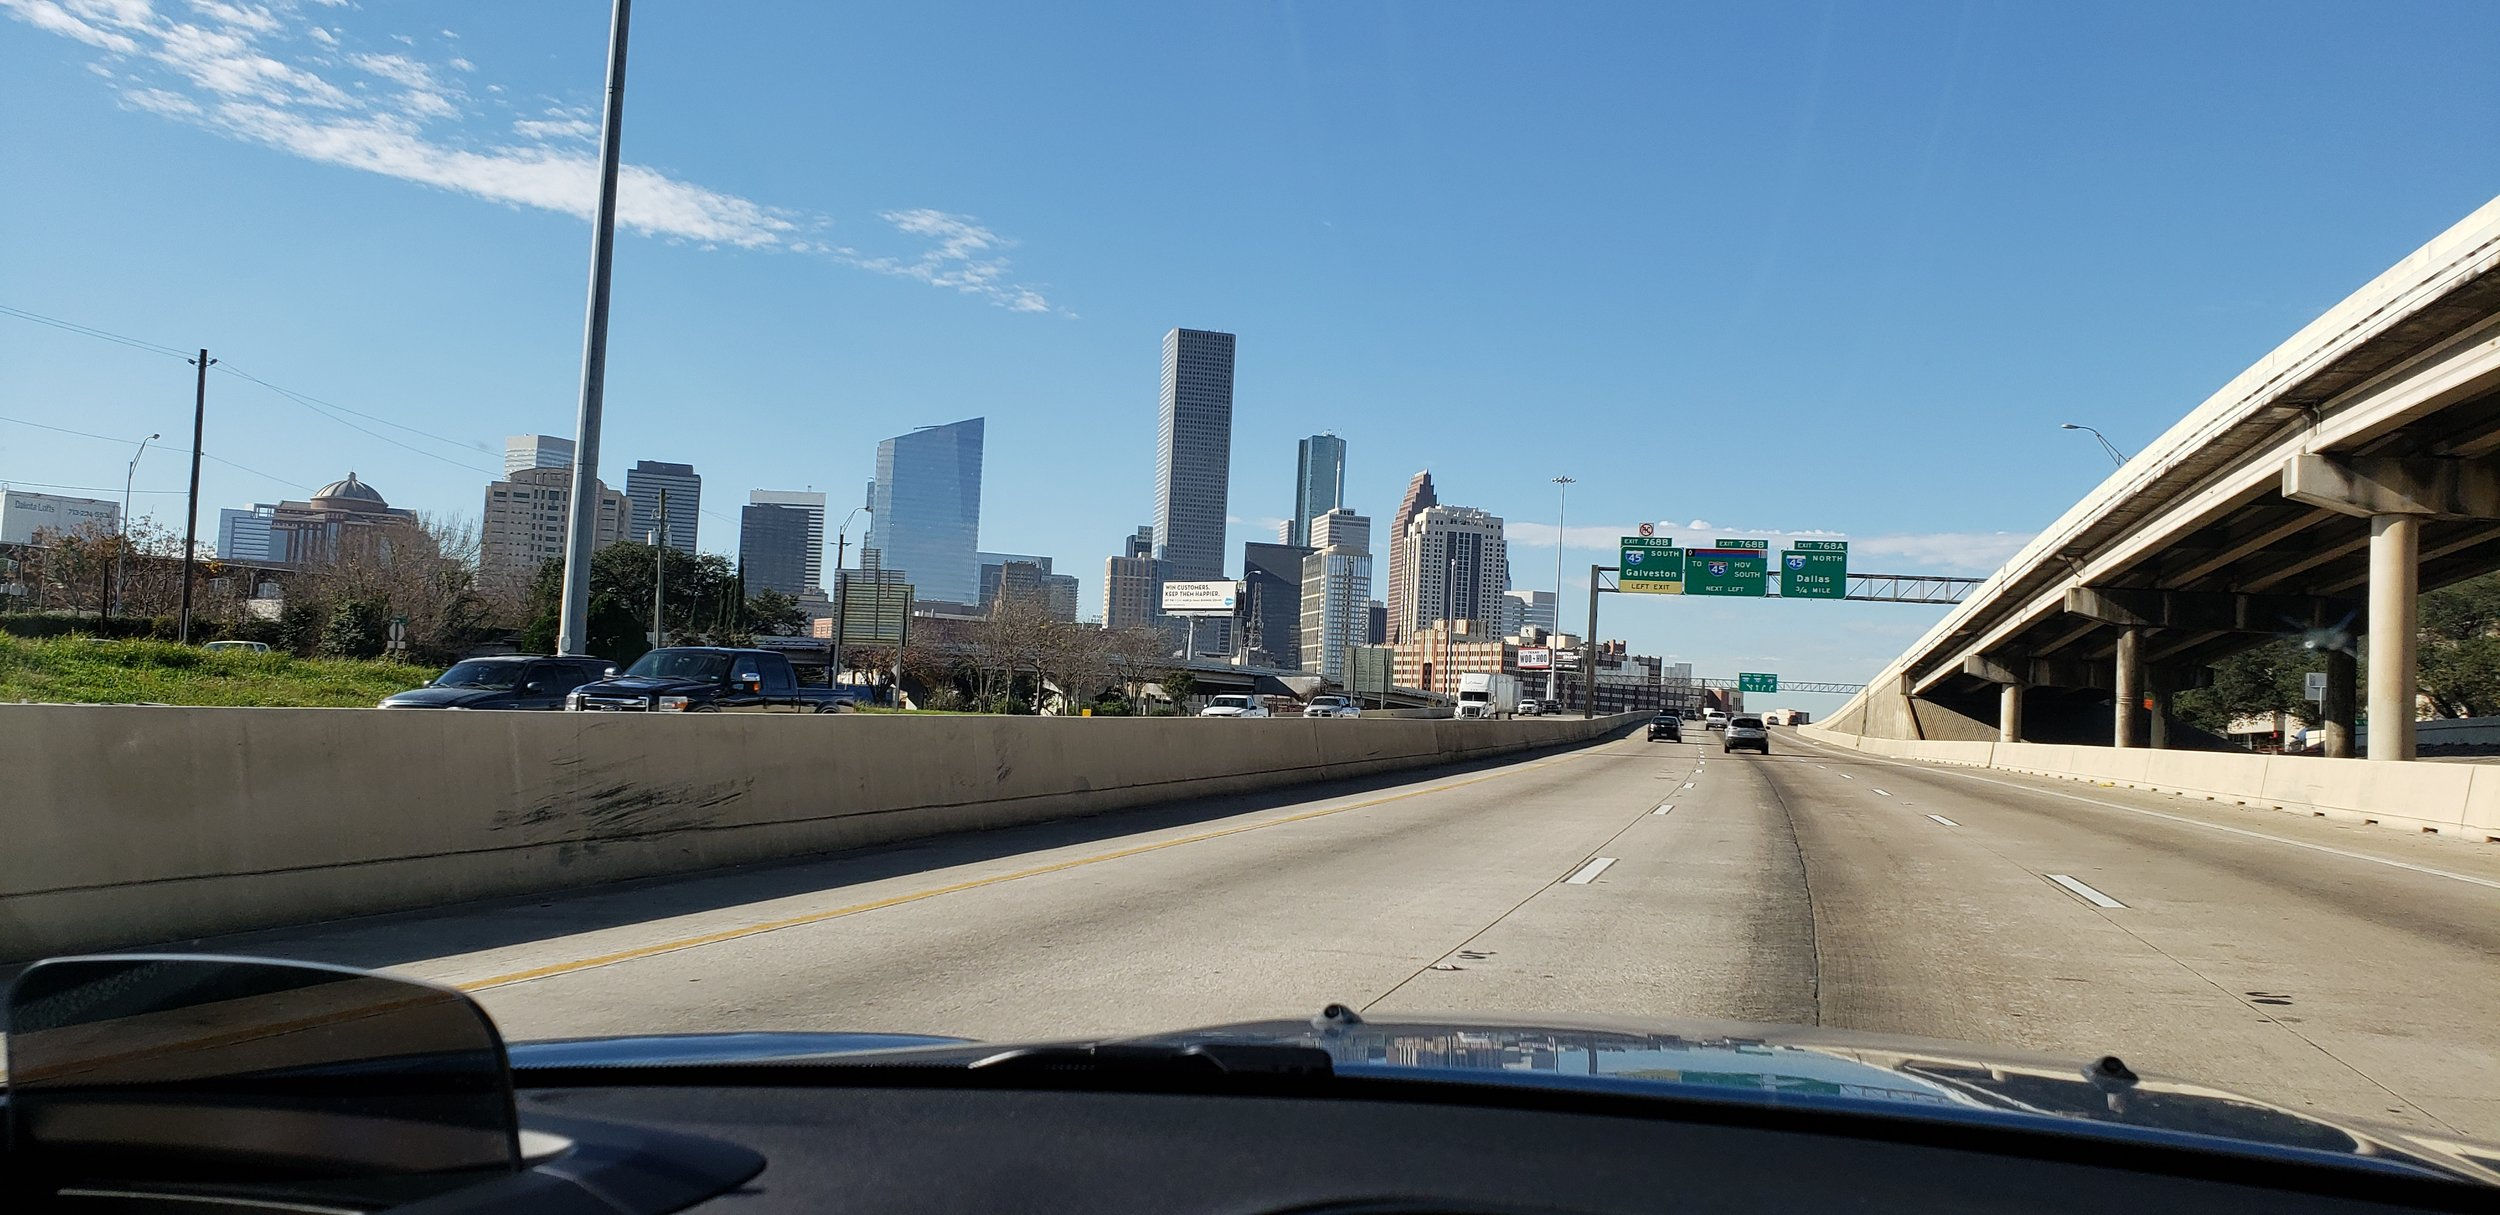 Coming into San Antonio